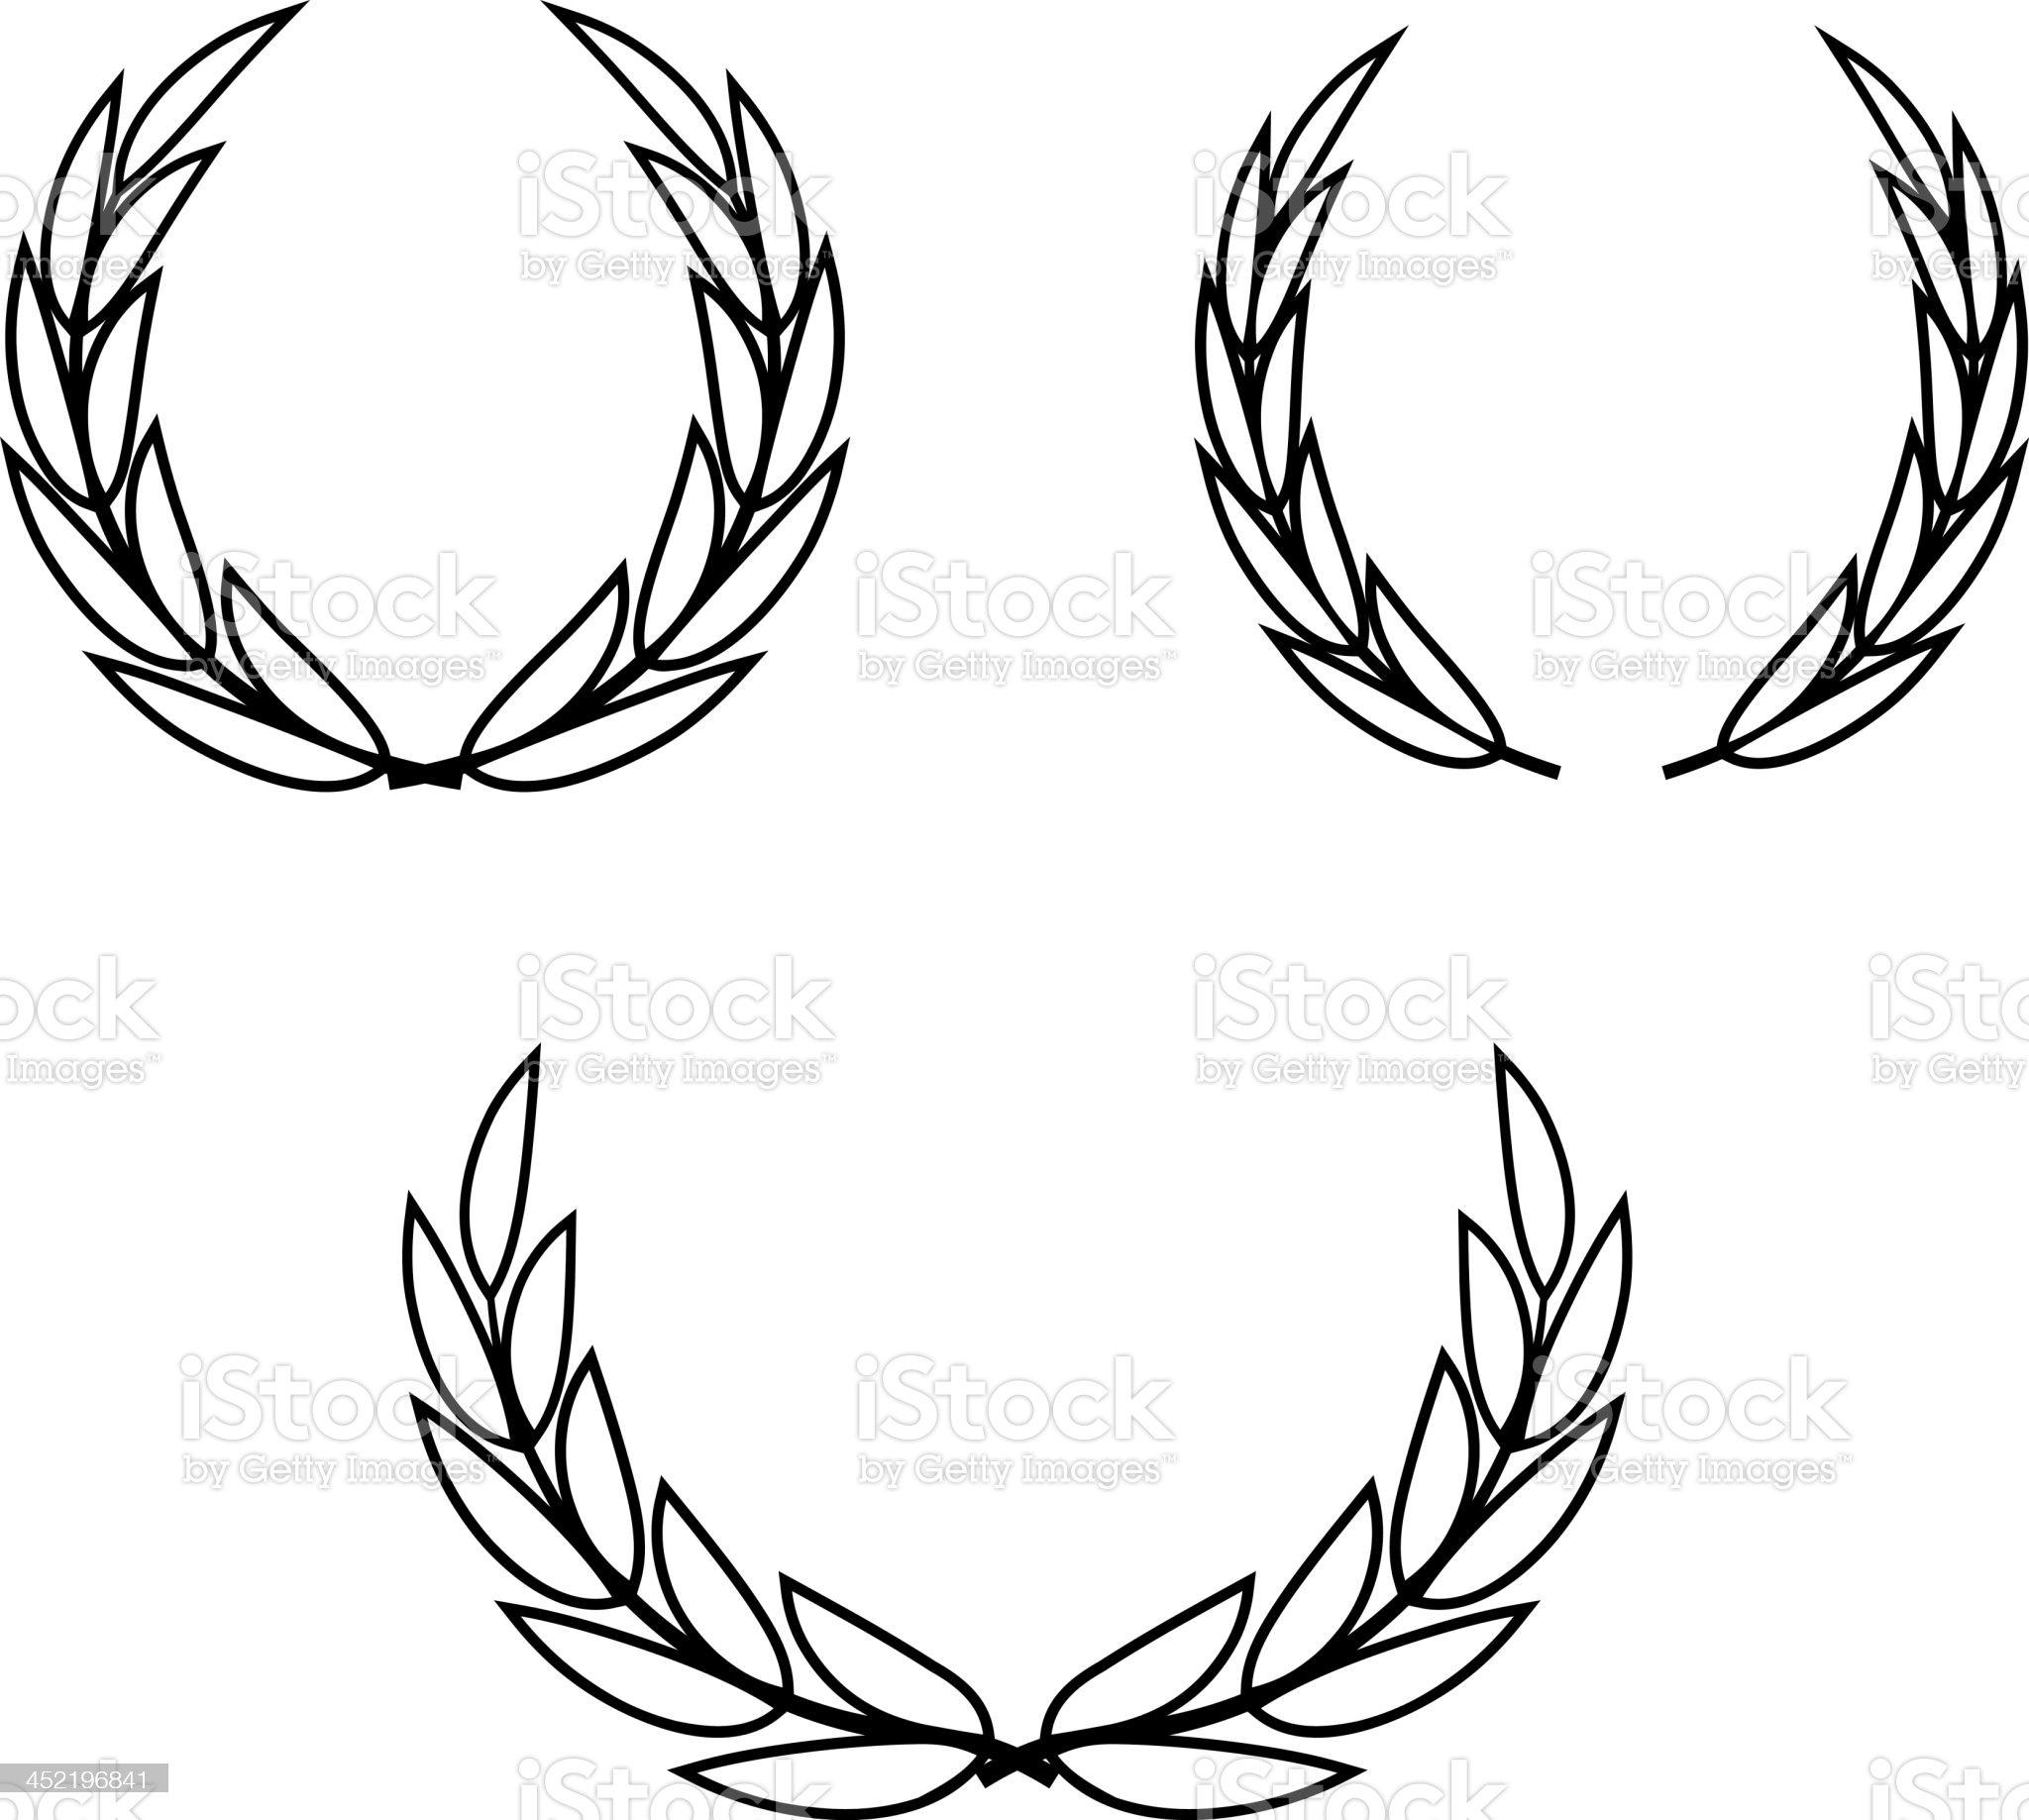 Vector laurel wreaths royalty-free stock vector art